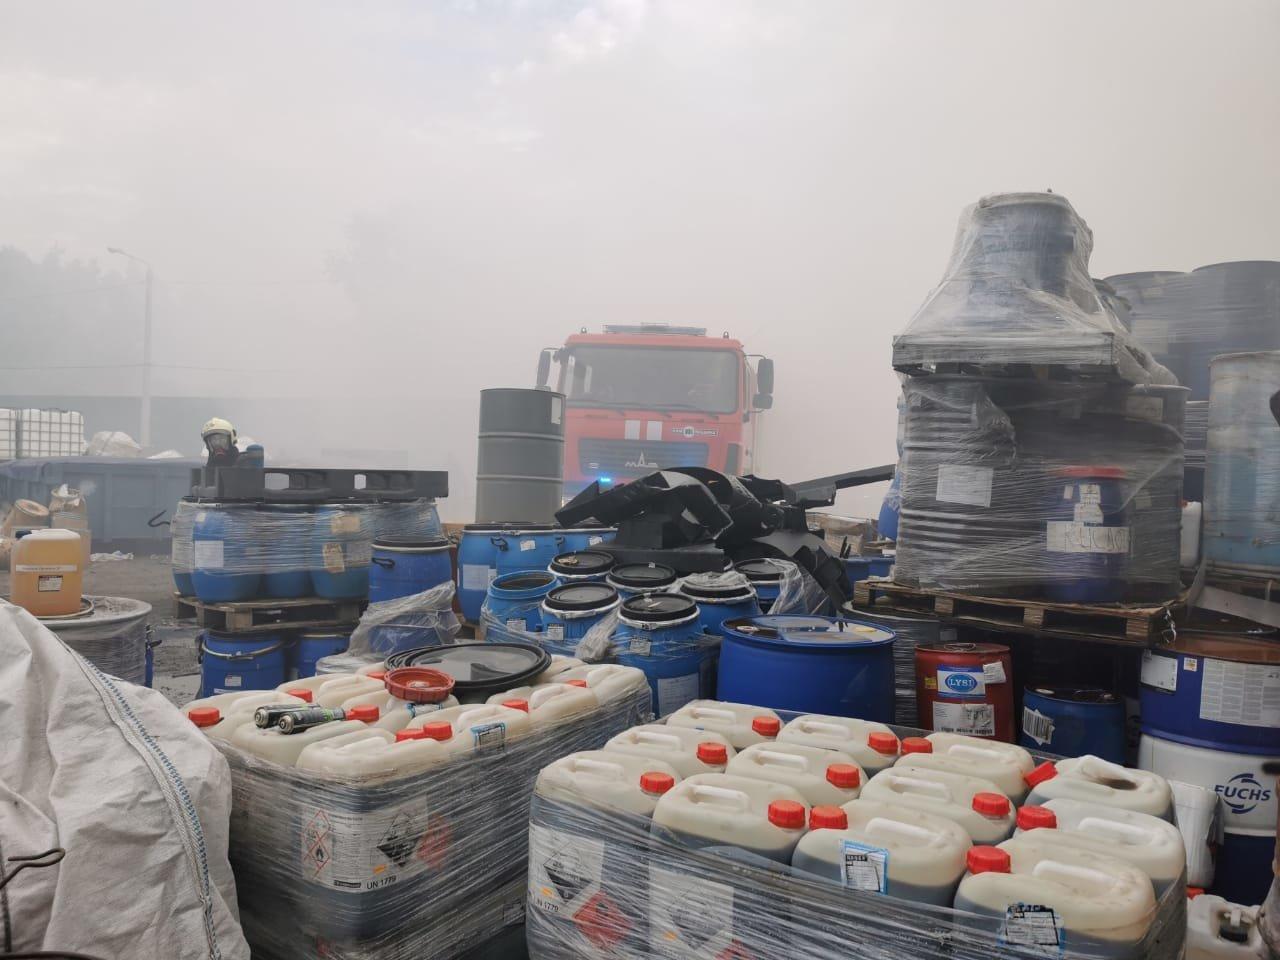 Пожар на предприятии с химикатами под Киевом: есть пострадавшие, ВИДЕО, ФОТО, фото-1